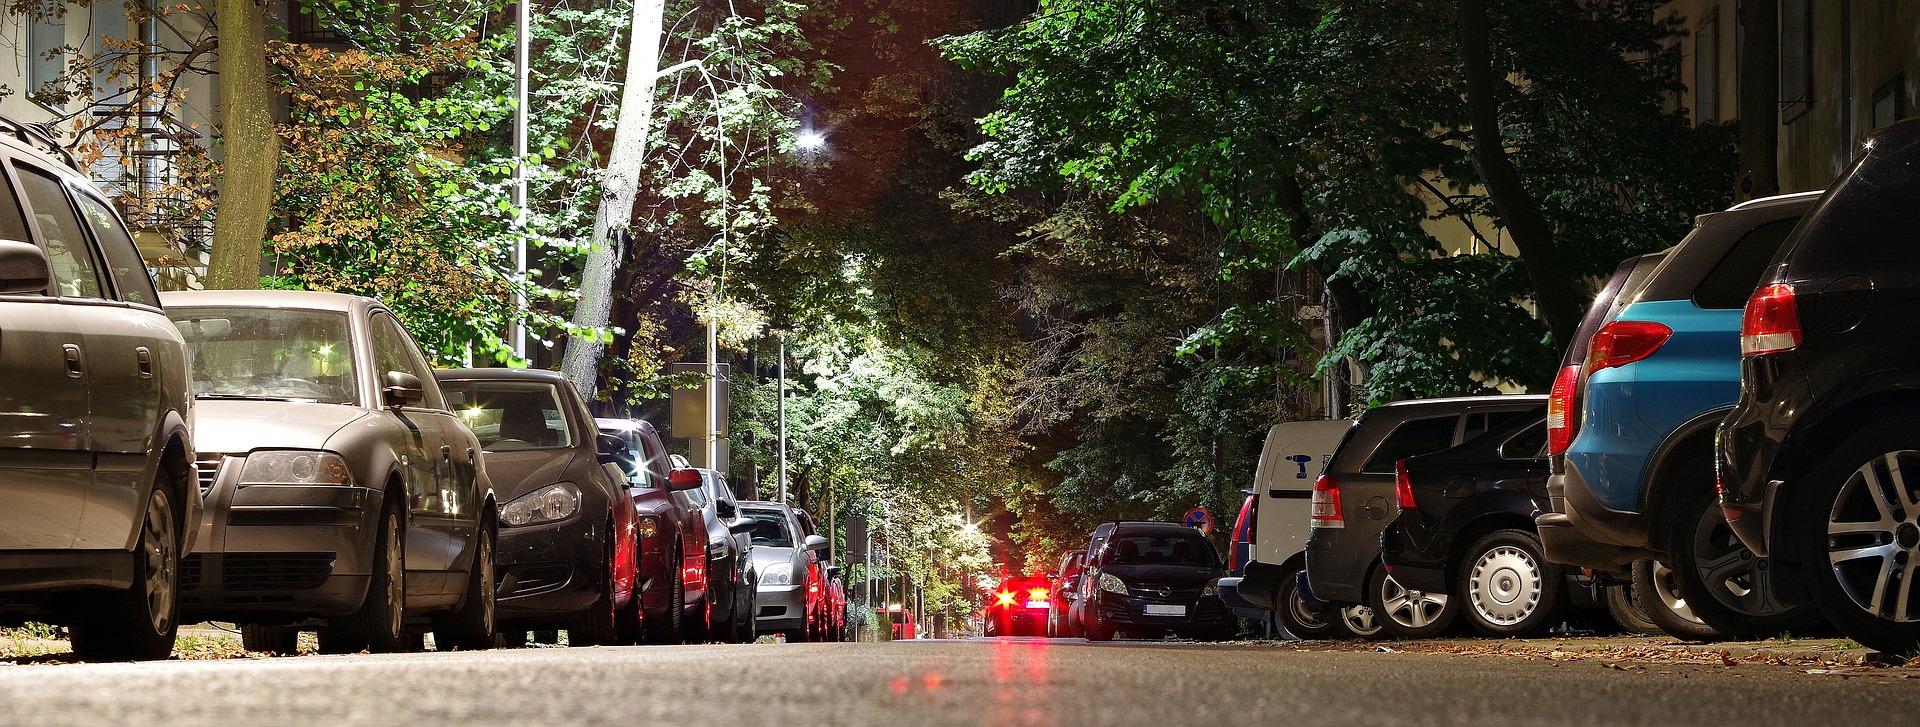 vagas de estacionamento chatos do trânsito